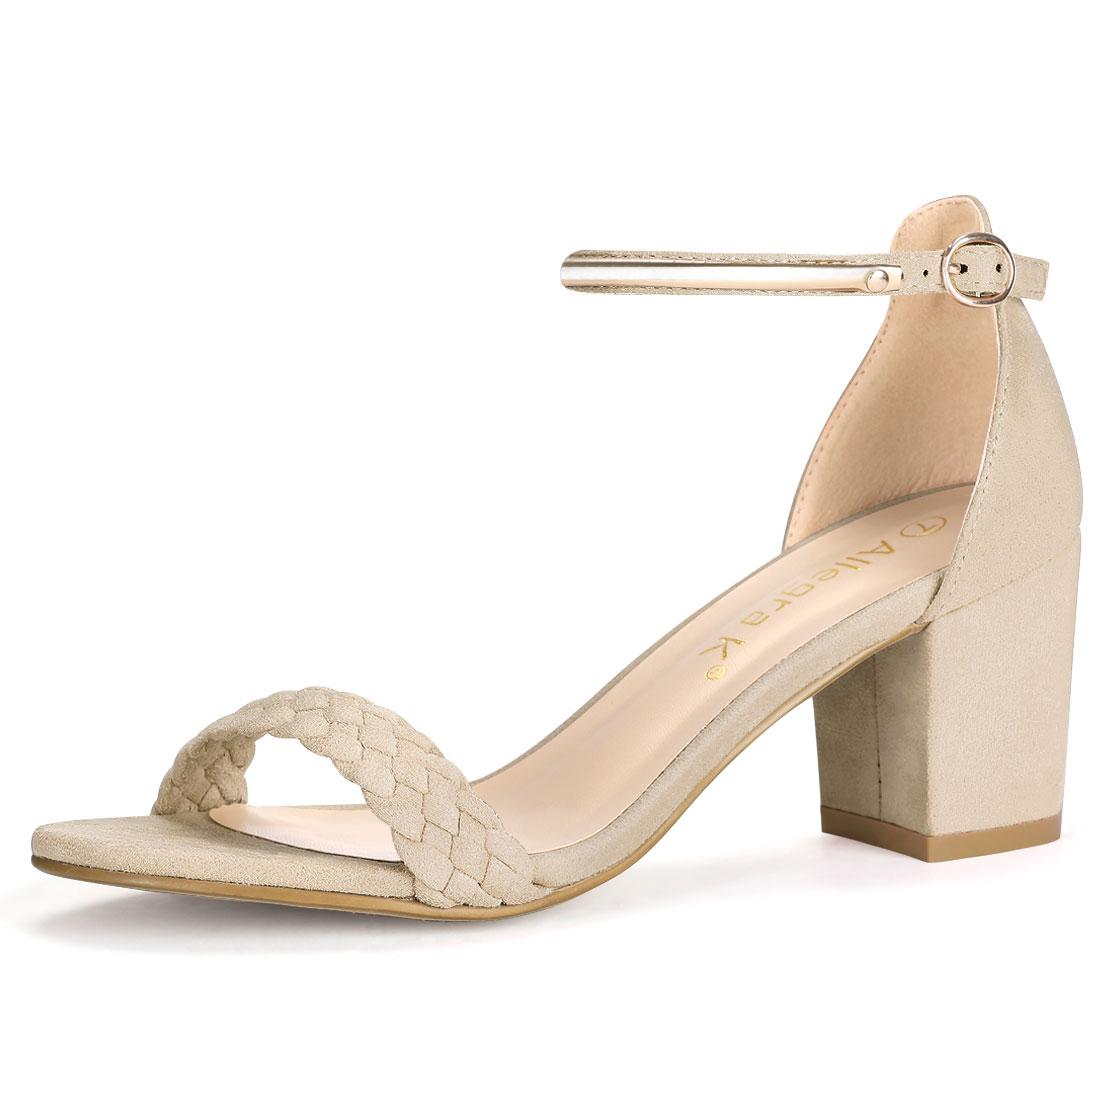 Women Open Toe Mid Heel Braided Ankle Strap Sandals Beige US 8